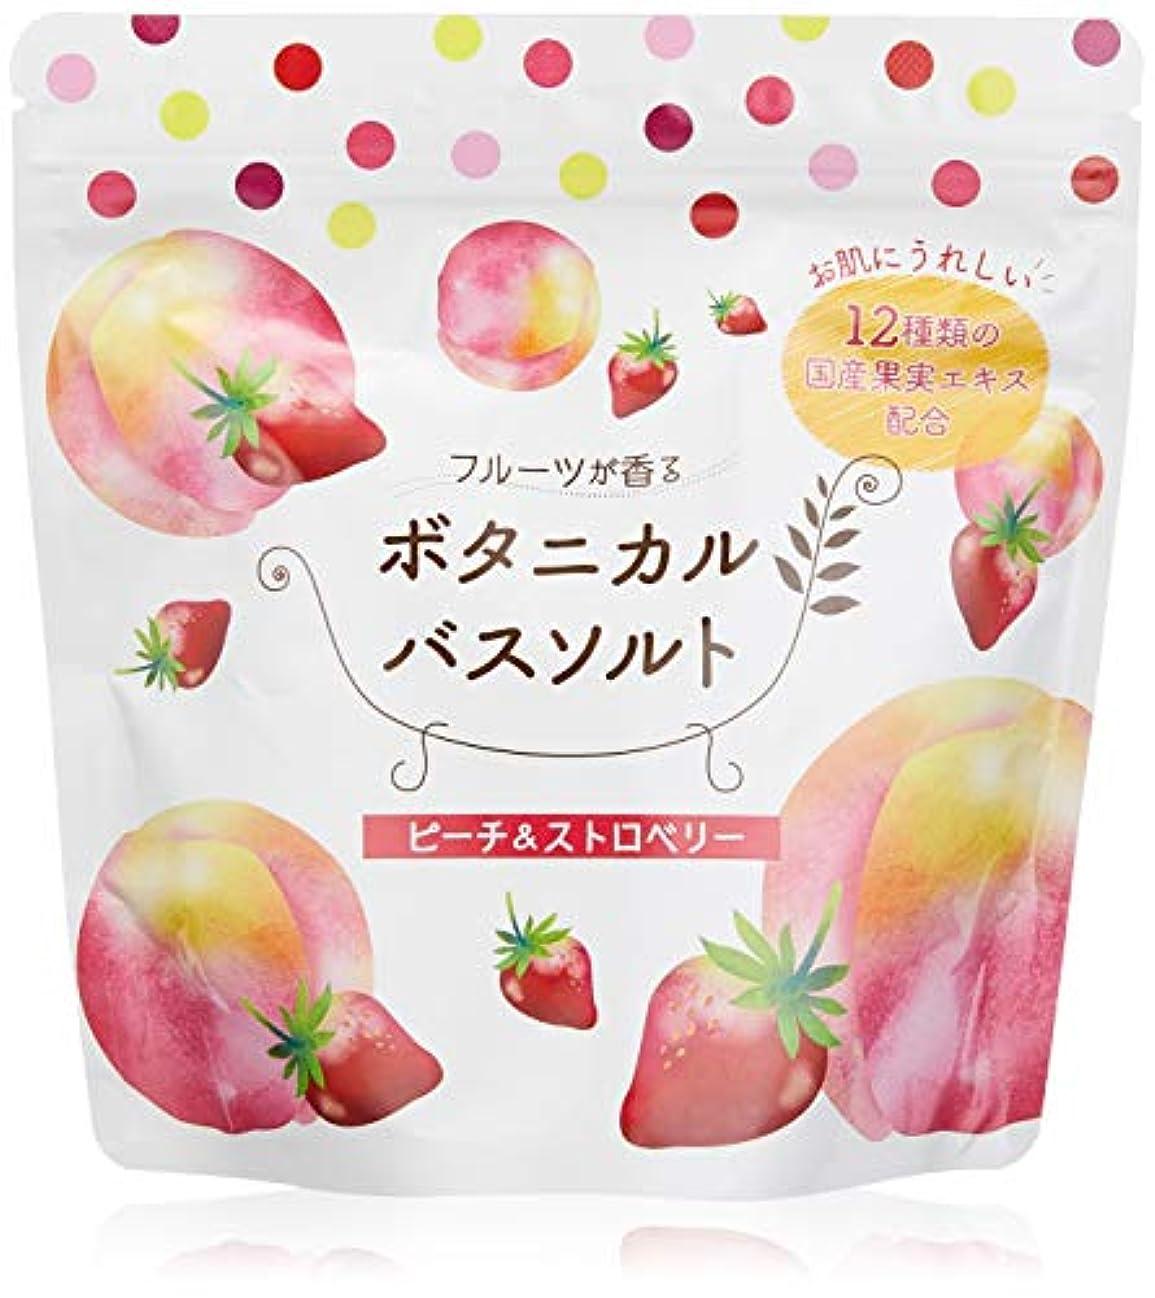 代わりの貢献継続中松田医薬品 フルーツが香るボタニカルバスソルト ピーチ&ストロベリー 450g